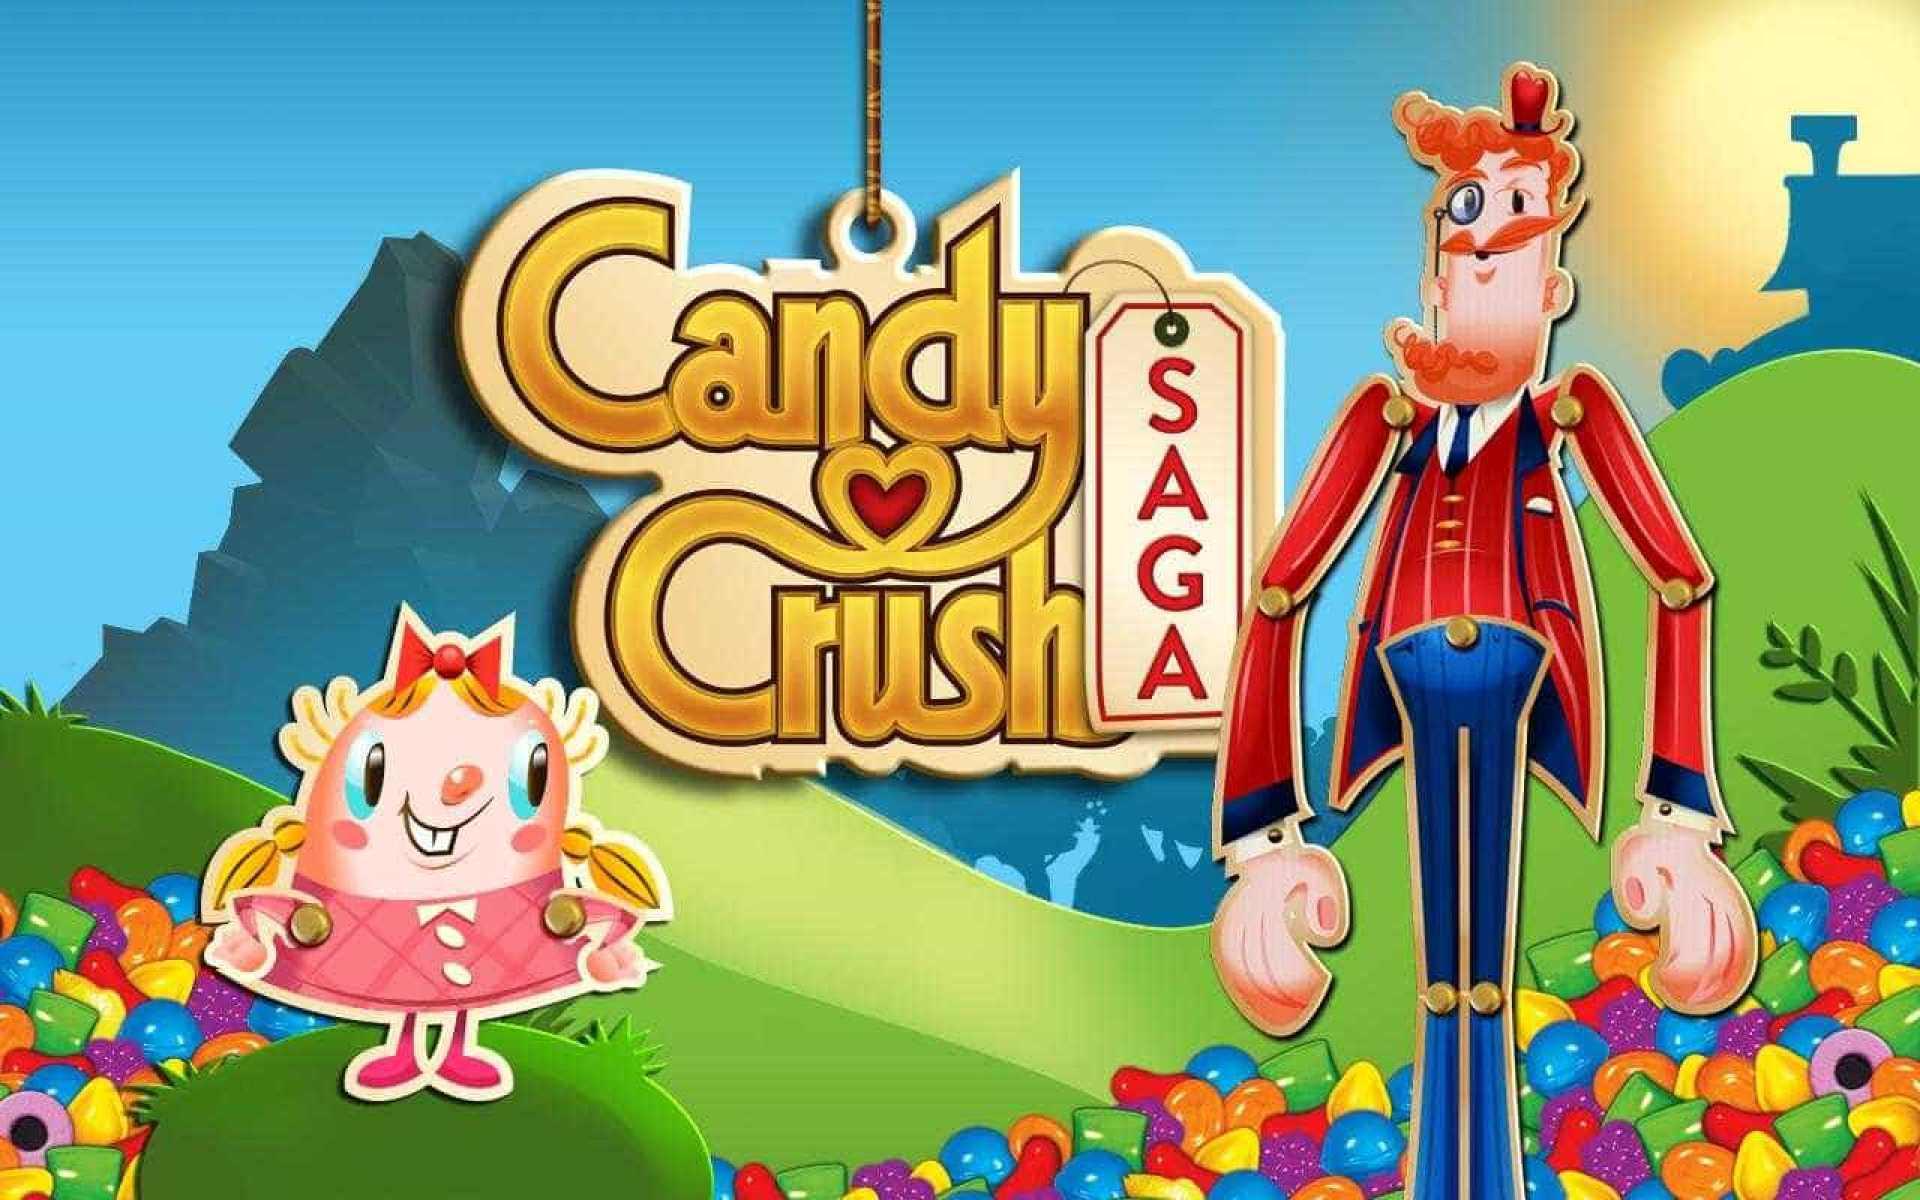 دانلود کندی کراش Candy Crush Saga 1.180.0.1 بازی حذف آب نبات اندروید